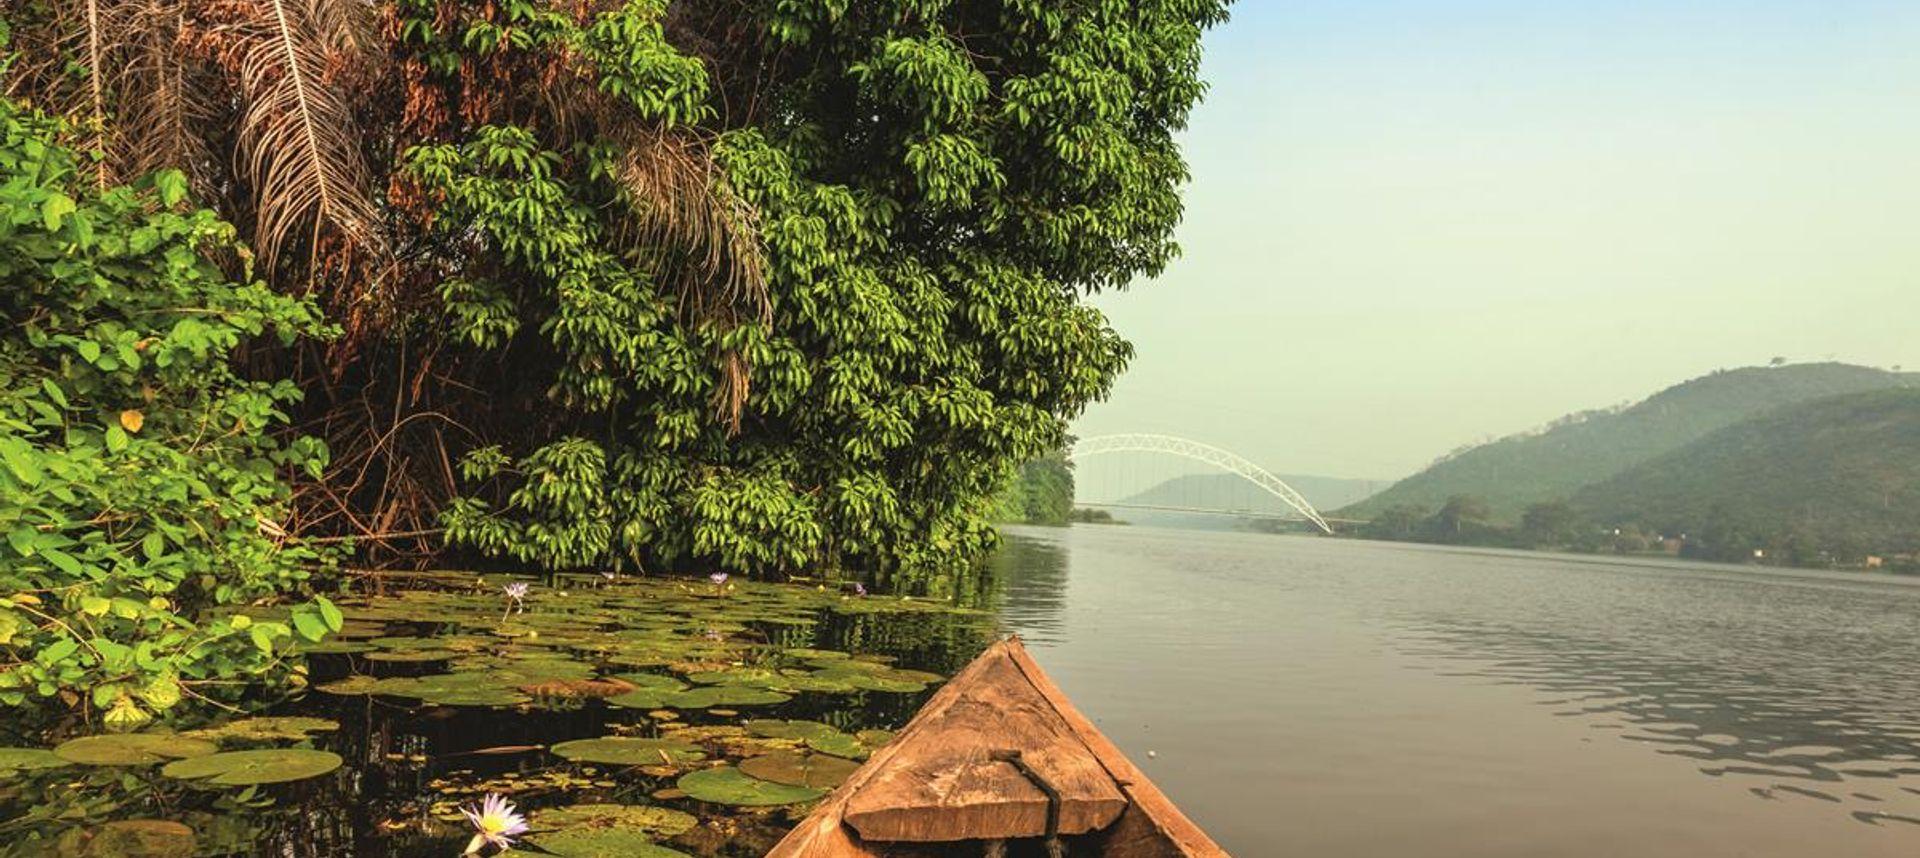 Ghana countryside (Conny Kaufmann)